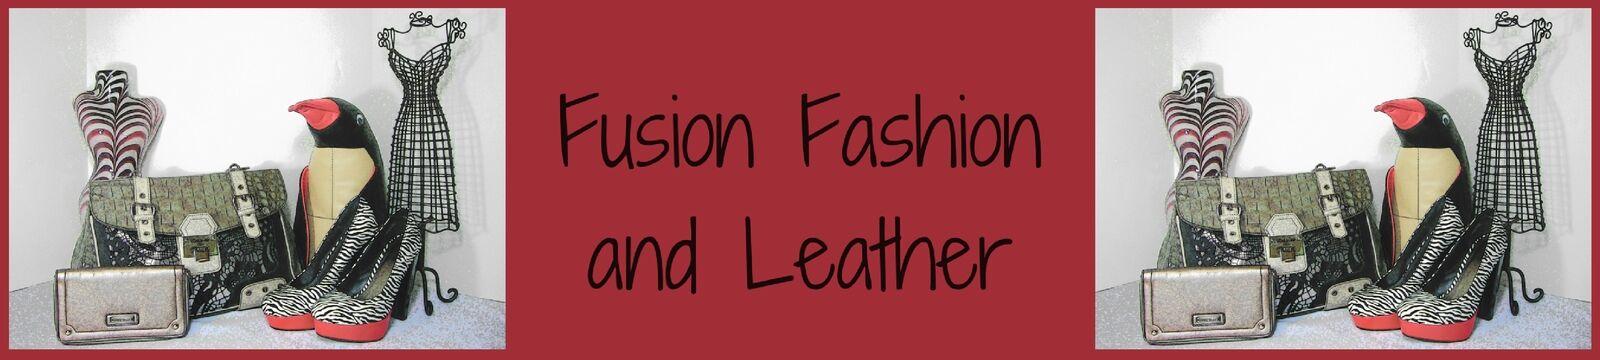 Fusion Fashion and Leather